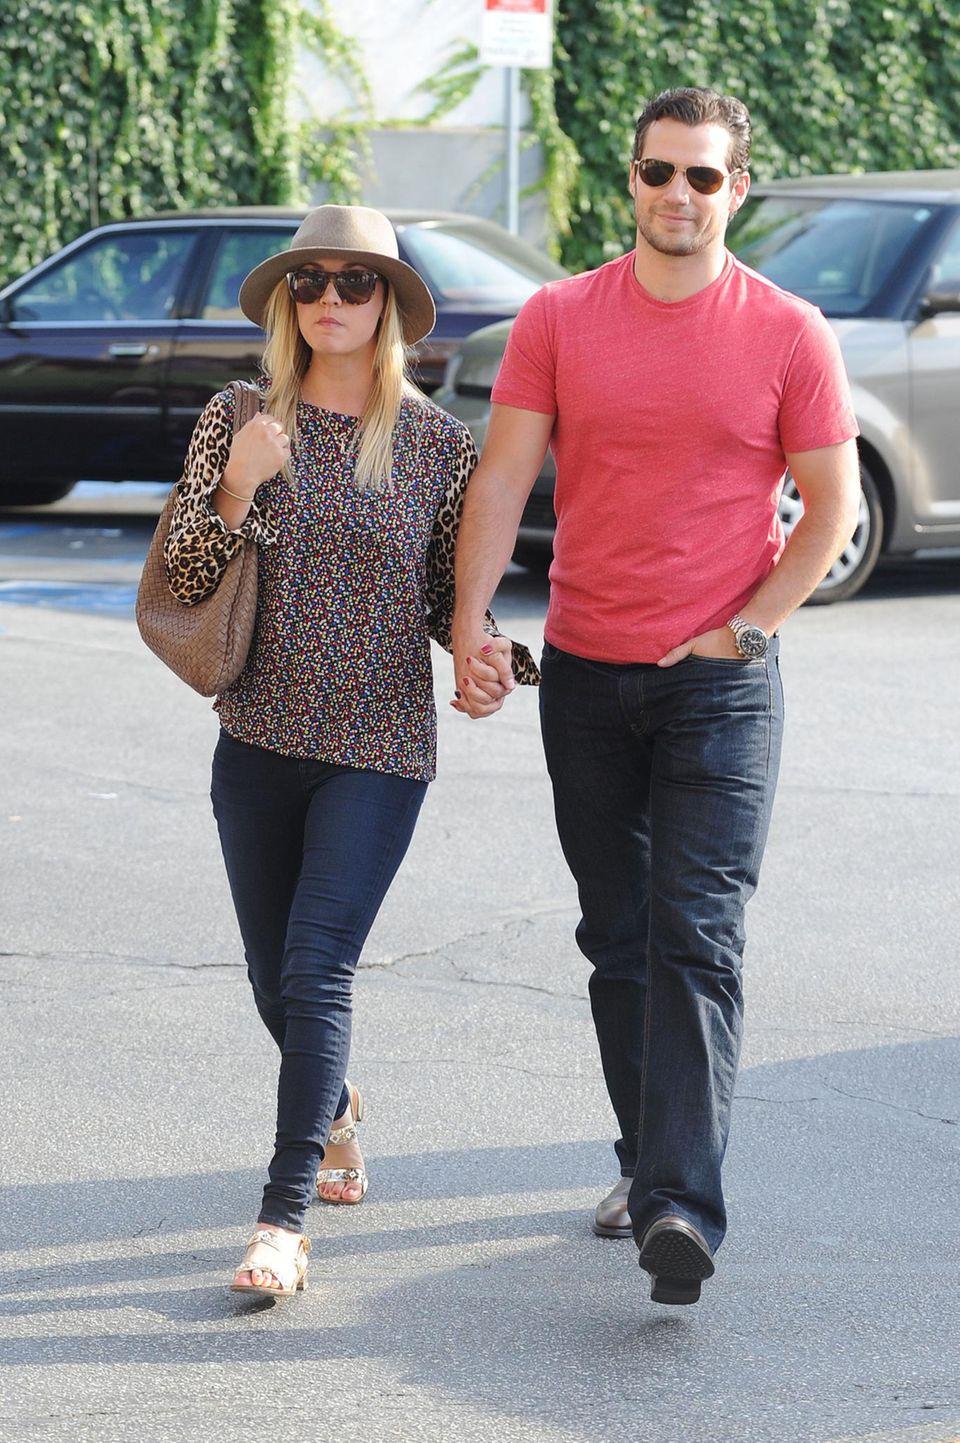 3. Juli 2013: Waren es anfangs nur Gerüchte um eine Beziehung, zeigen sich Kaley Cuoco und Henry Cavill nun ganz öffentlich als Paar. Wie hier bei einem Einkaufsbummel in Sherman Oaks.